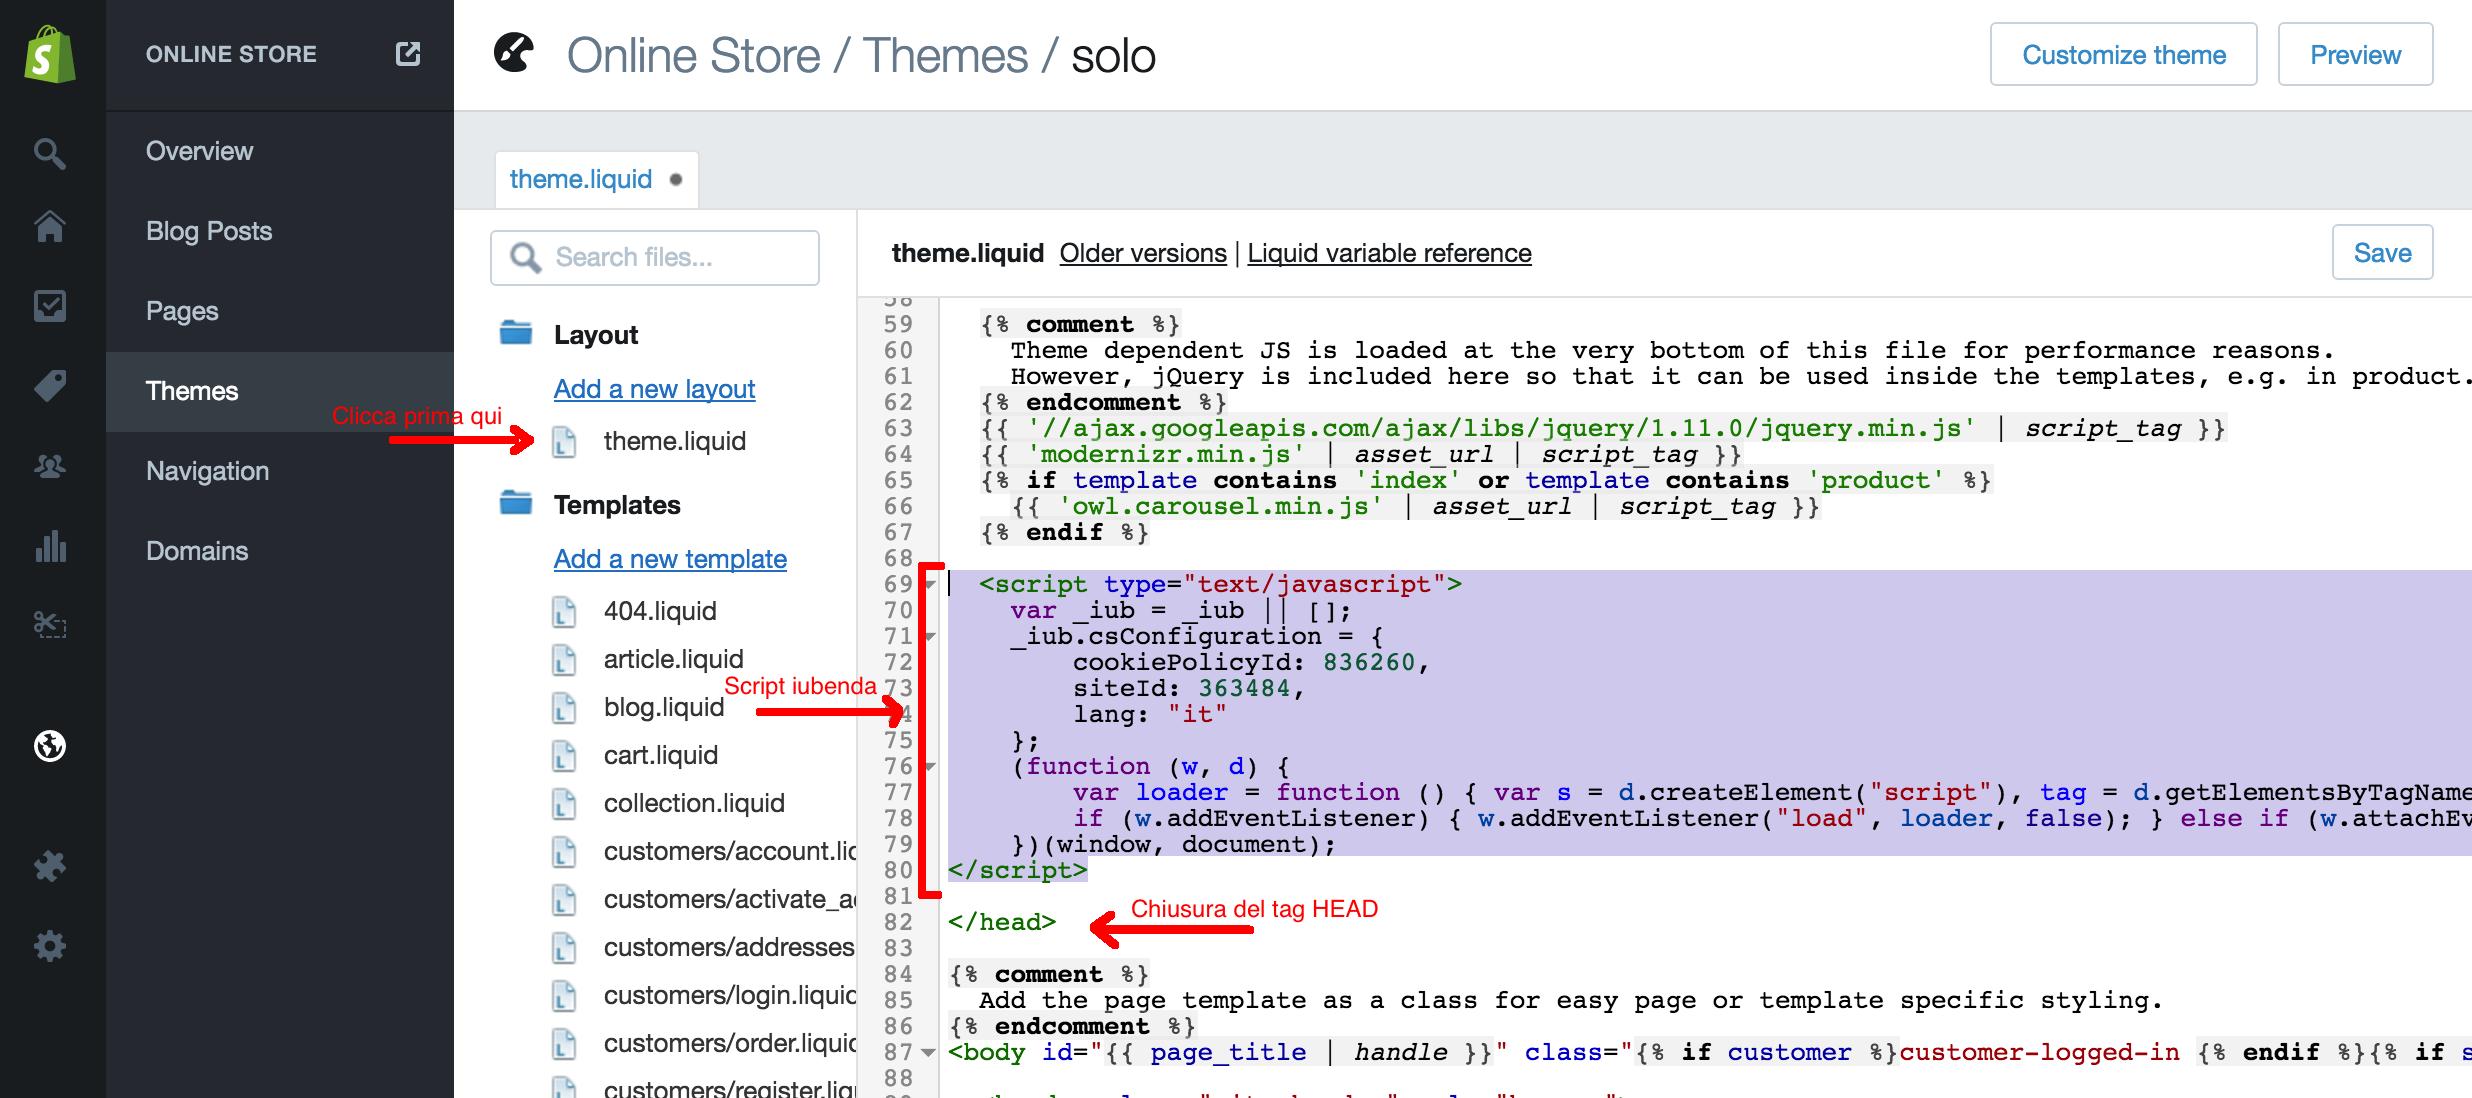 Shopify + iubenda : Customize Add iubenda codes